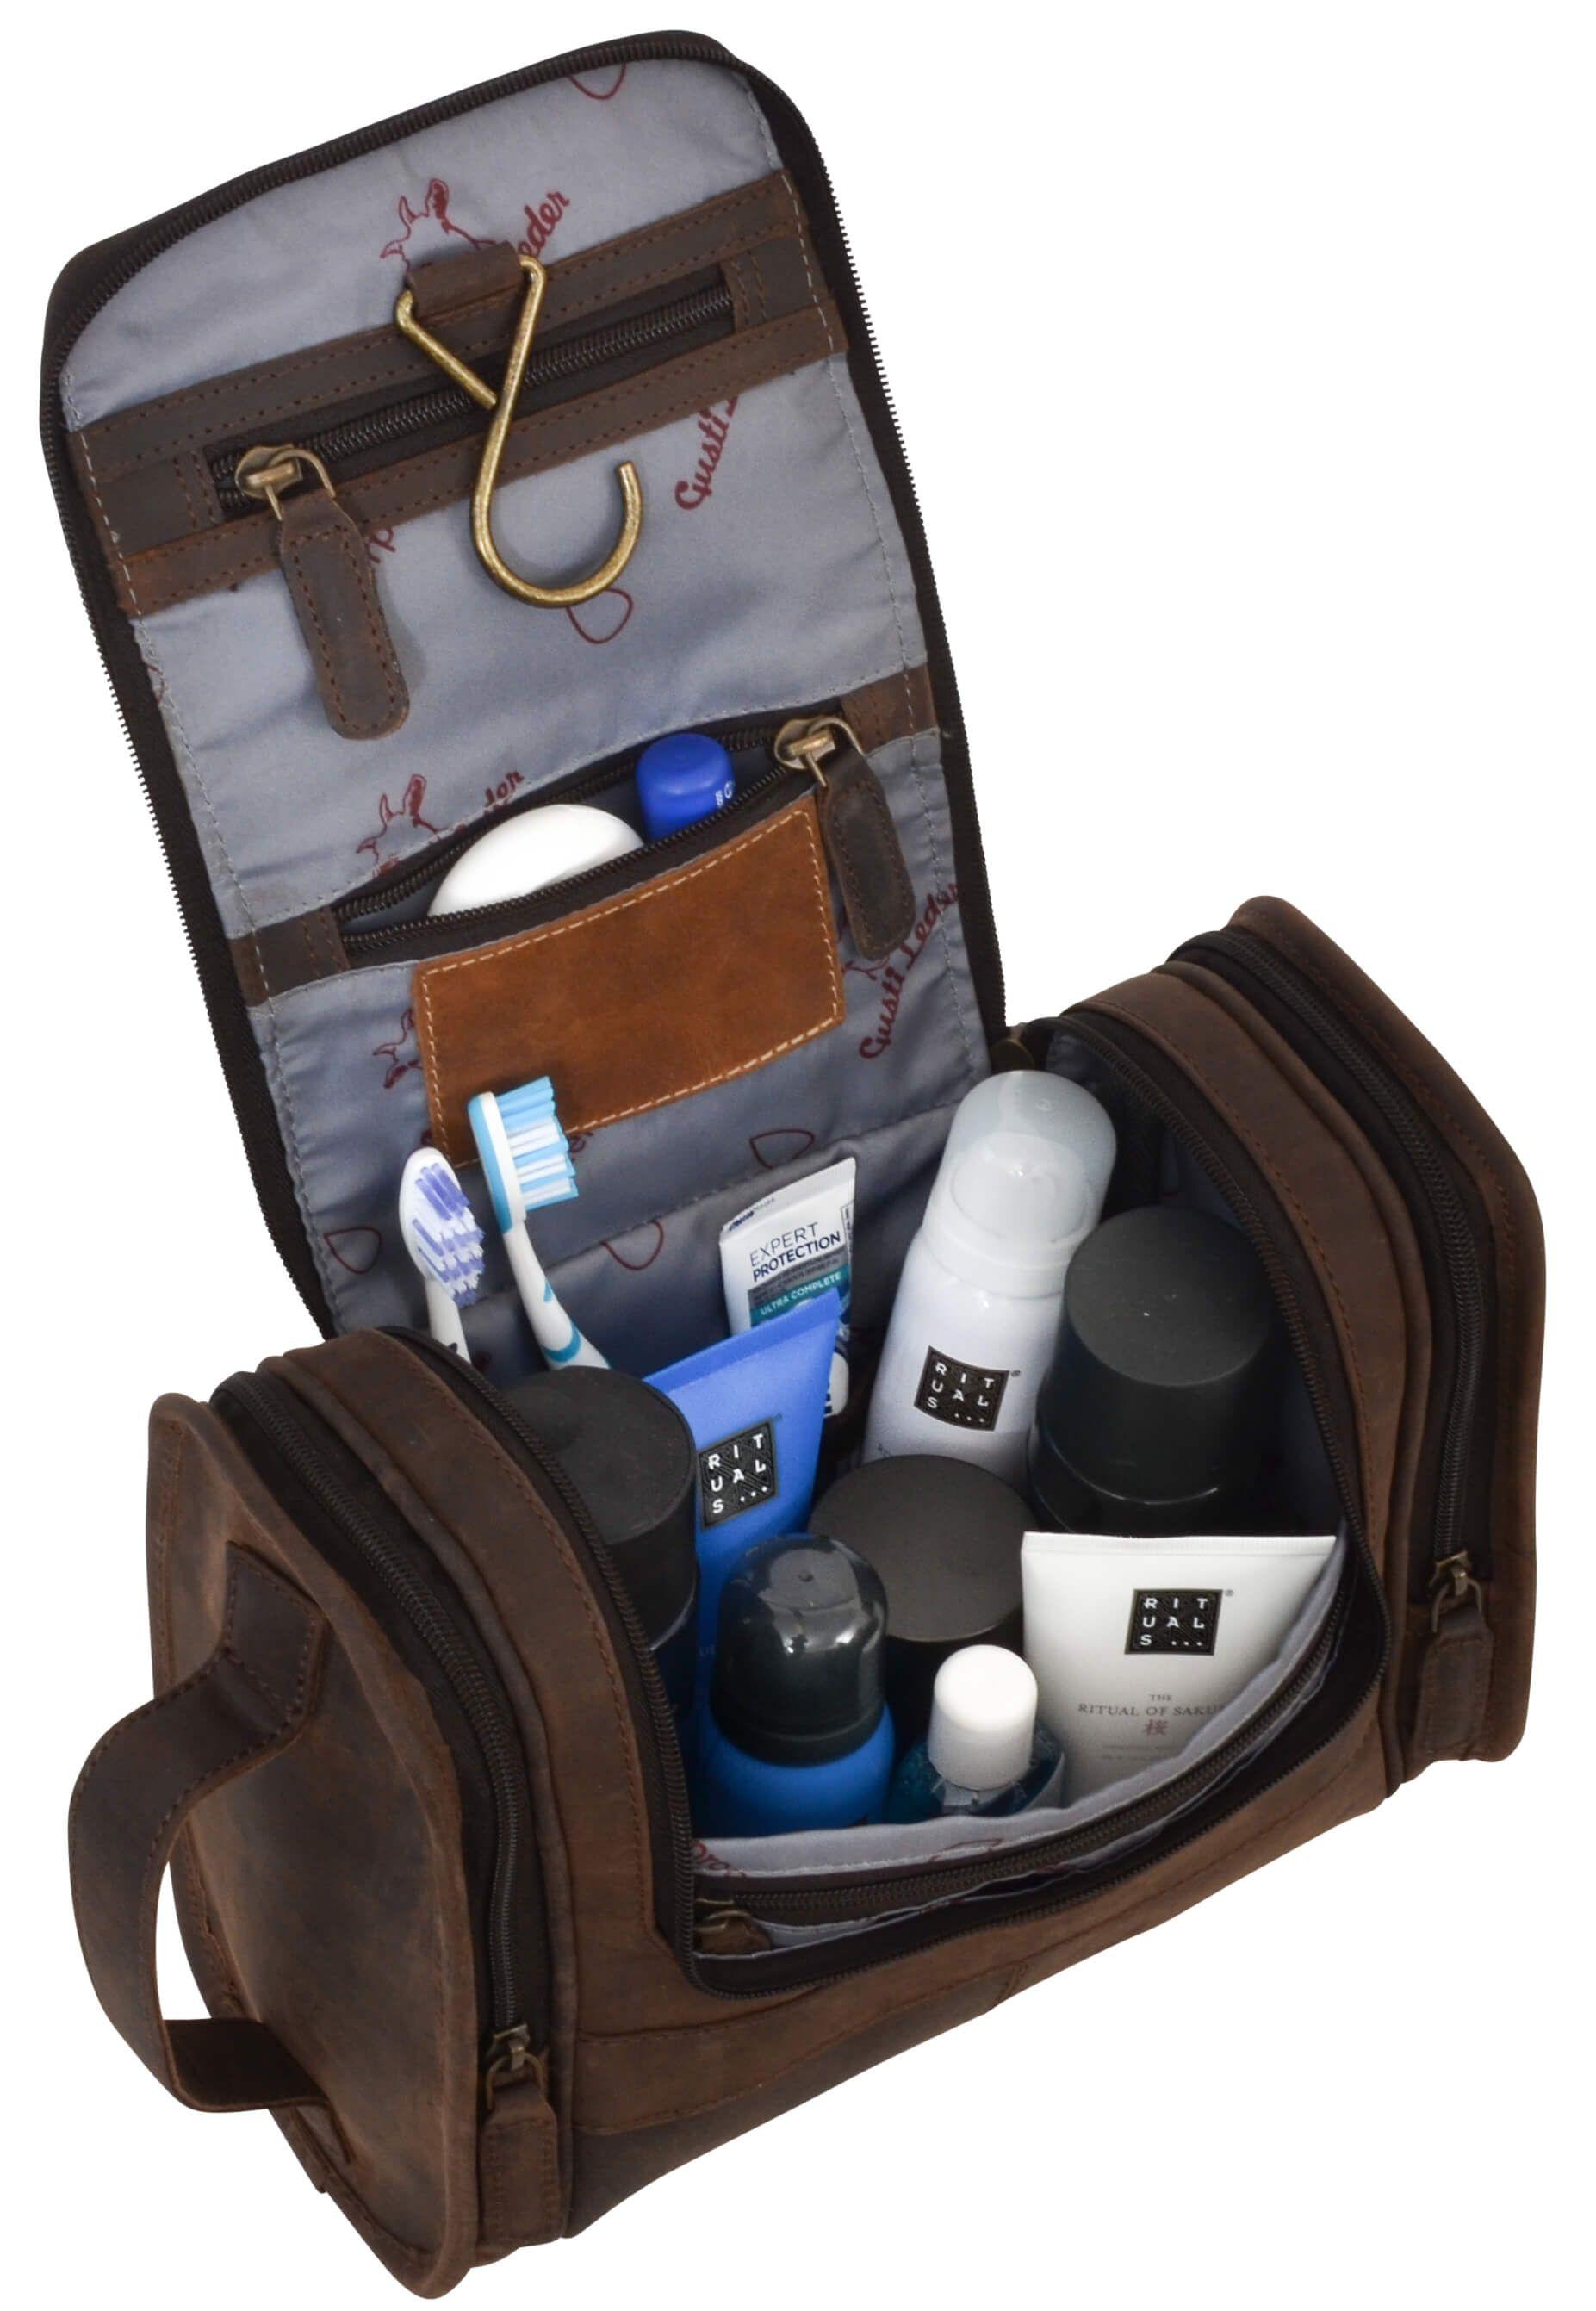 """Wenn Deine Zahnbürste und Dein Shampoo sprechen könnten, würden sie sich """"Chester"""" wünschen. Der Kulturbeutel aus hochwertig verarbeitetem, robustem und strapazierfähigem Büffelleder ist nämlich der perfekte Ort, um Deine Hygieneartikel für die Reise sicher und kompakt zu verstauen. Gusti Leder - 2H30-20-4wp"""